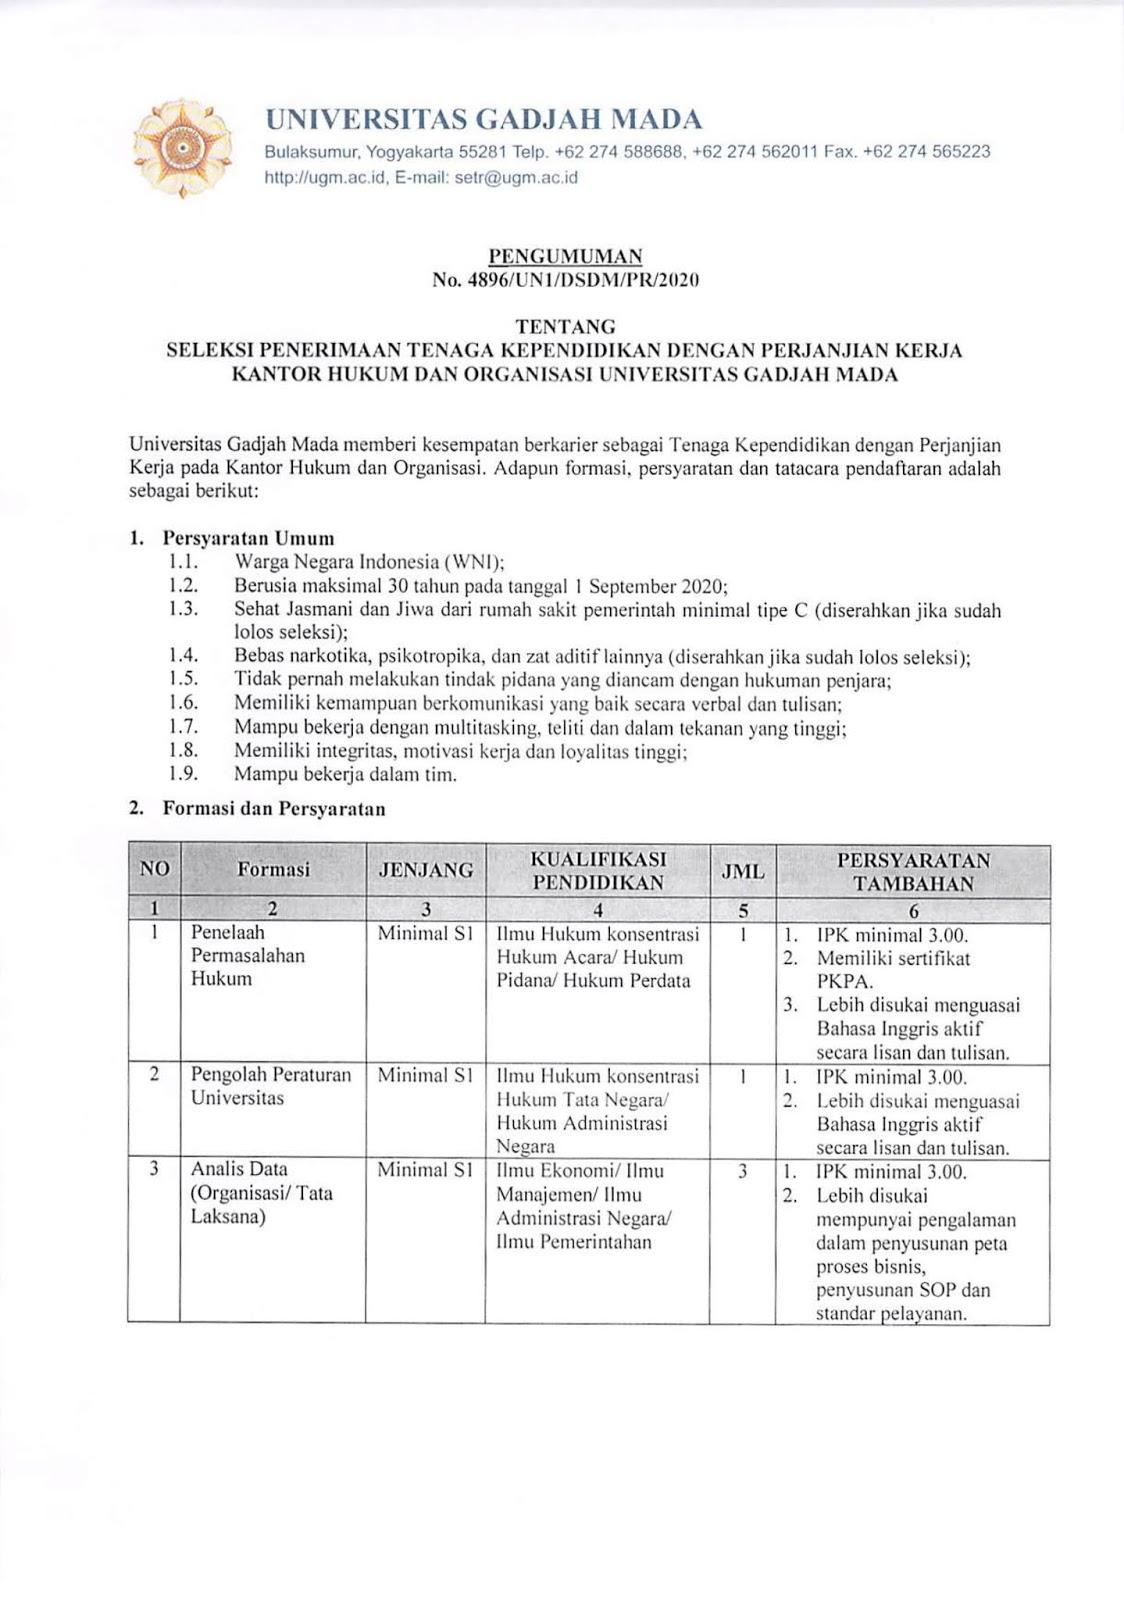 Lowongan Kerja Tenaga Kependidikan Universitas Gadjah Mada Agustus 2020